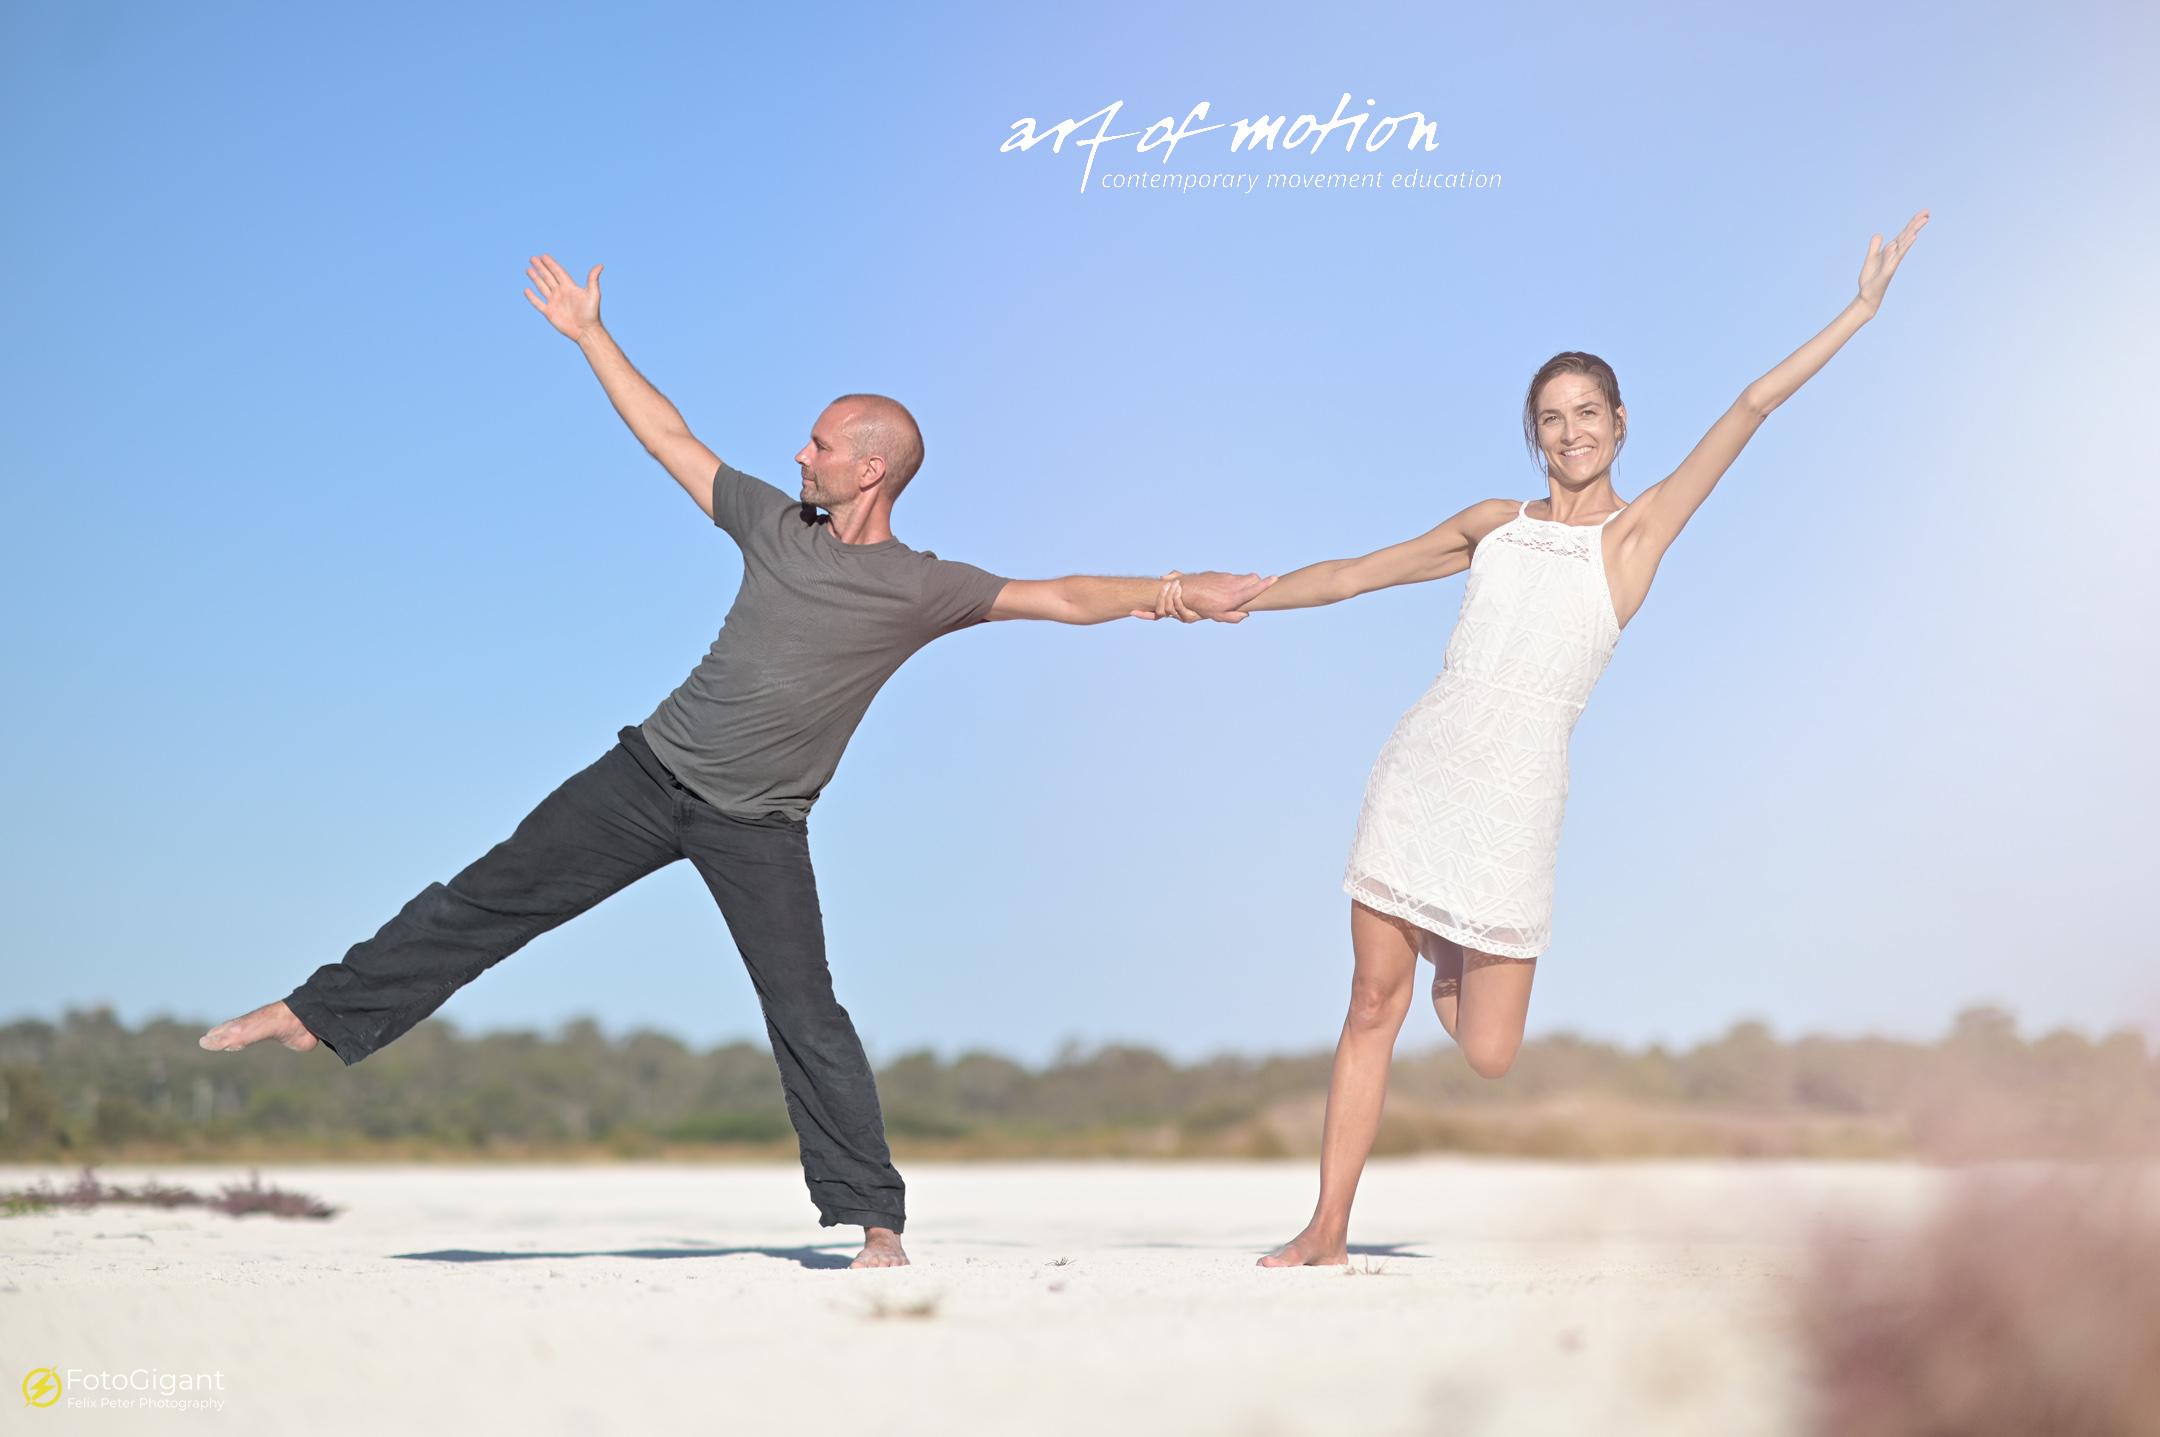 art-of-motion_Karin-Gurtner_Felix-Peter_17.jpg